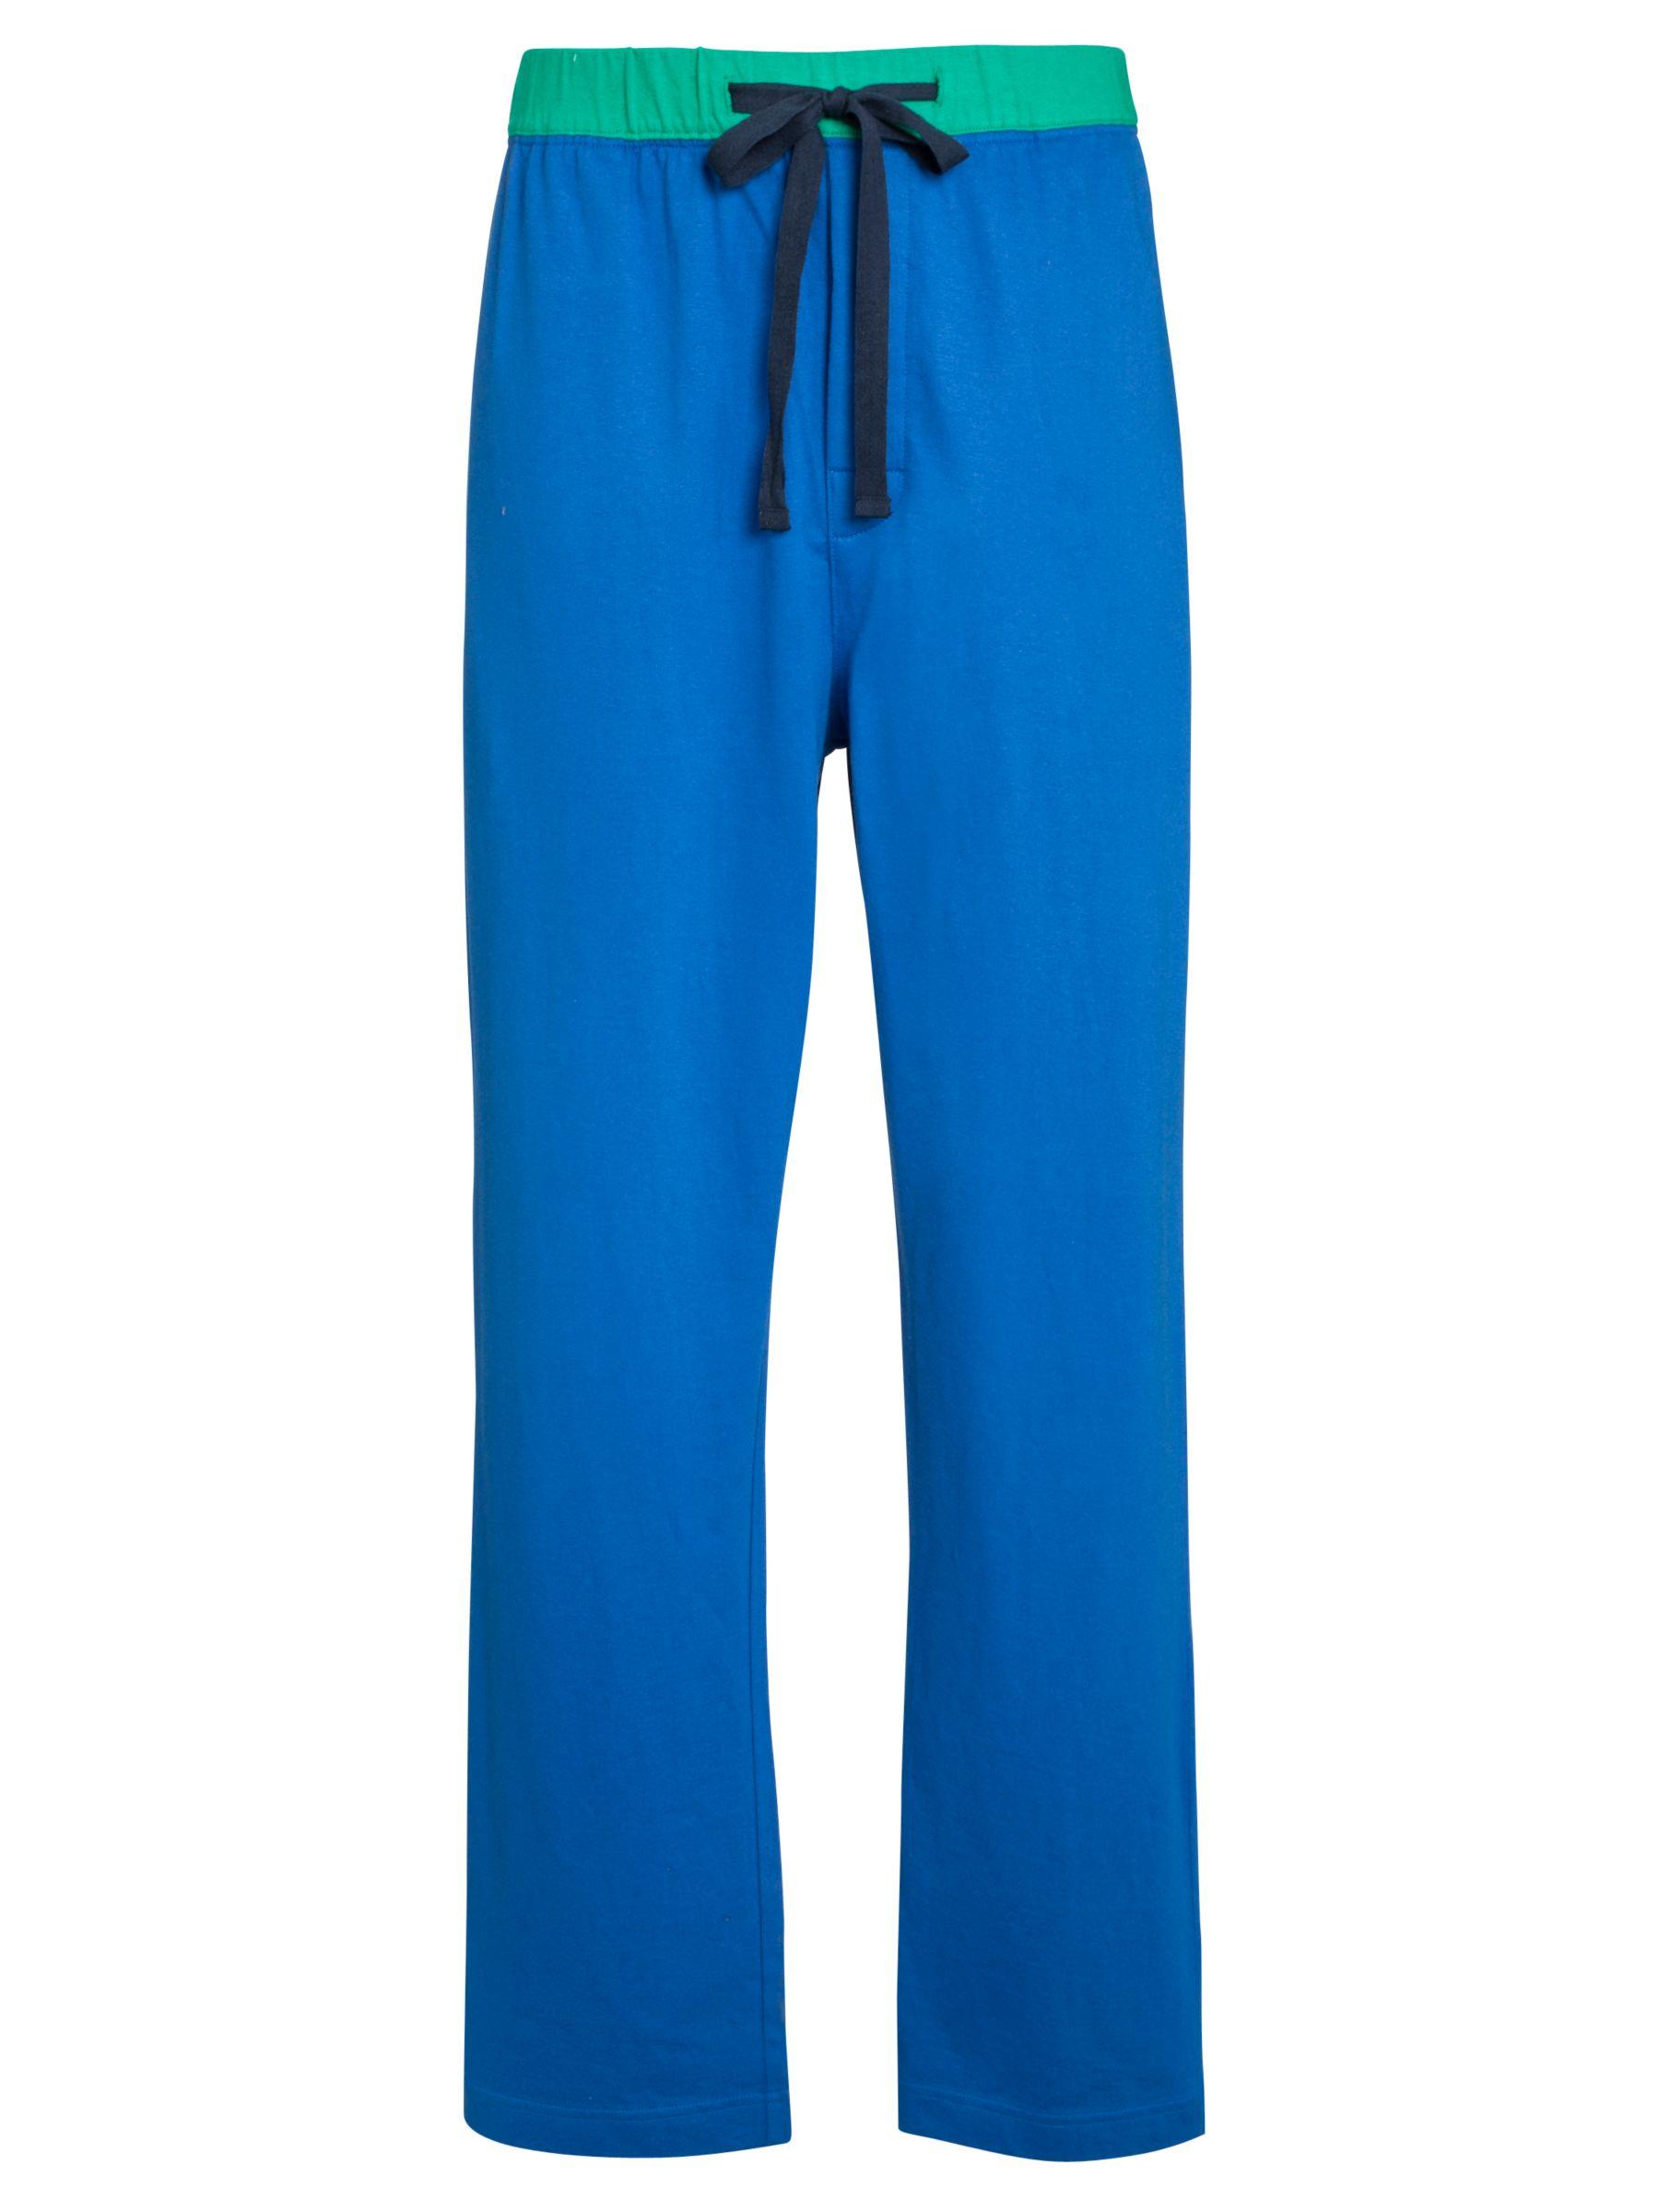 John Lewis Jersey Pyjama Pants, Blue